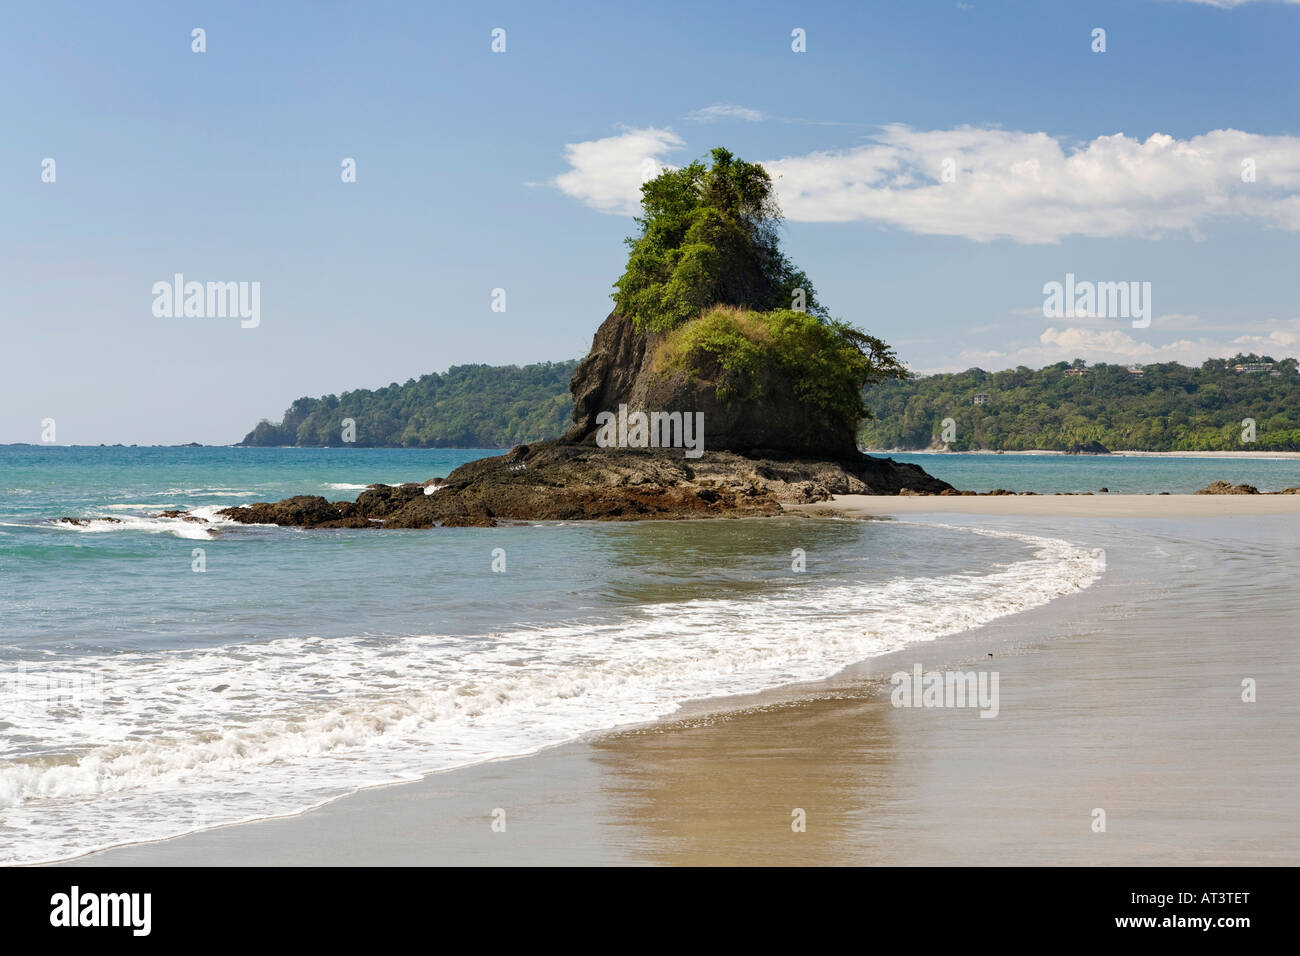 Costa Rica Quepos Manuel Antonio Playa Espadilla Sur Beach